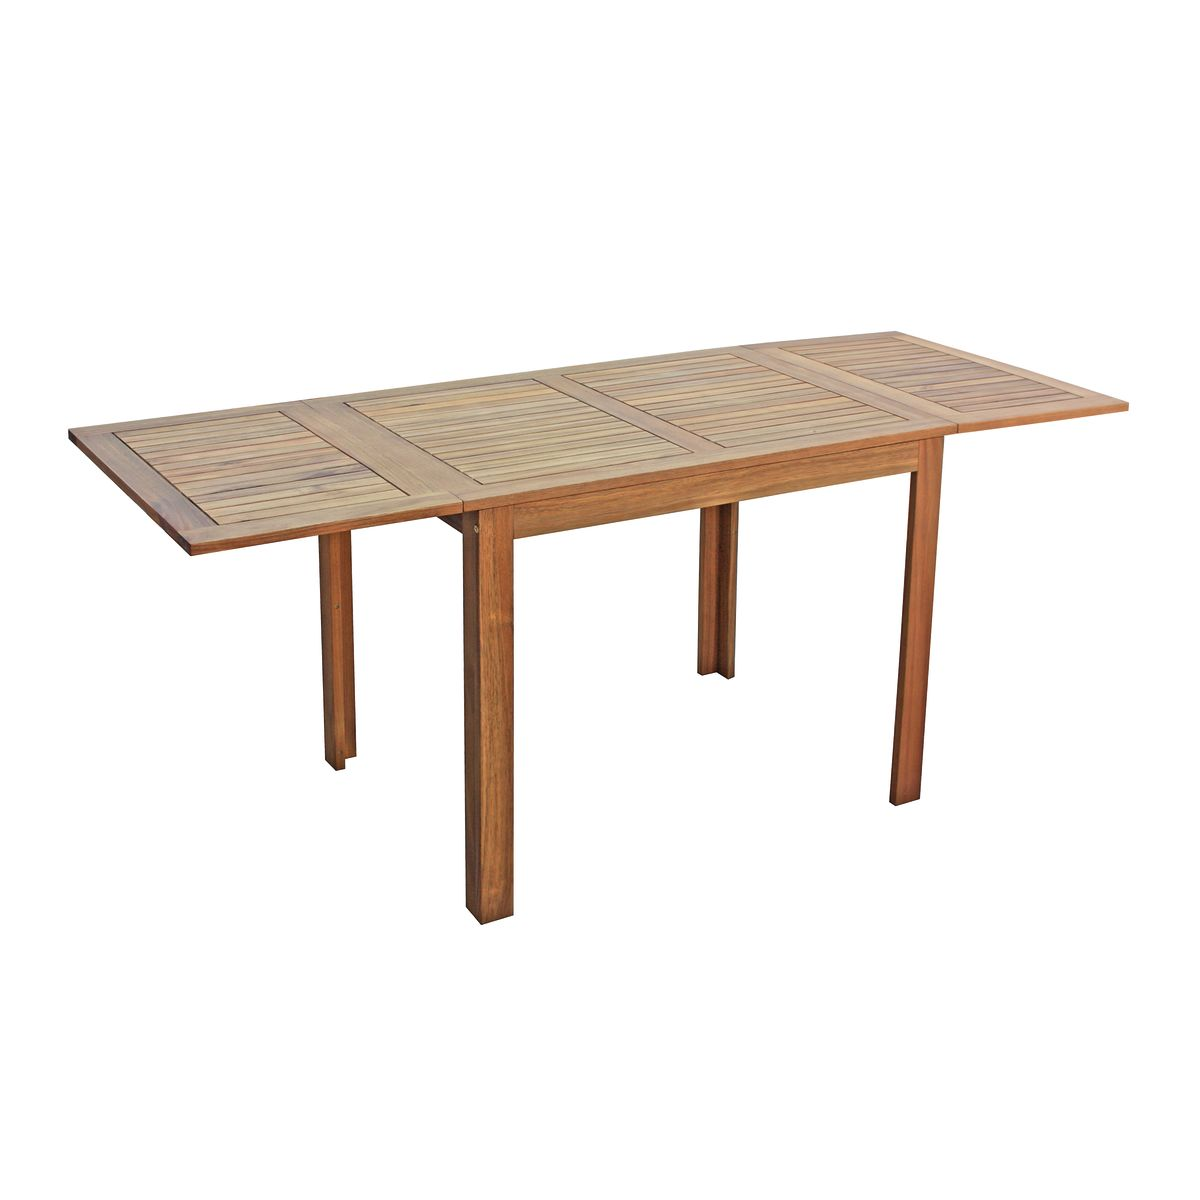 Ikea tavoli giardino allungabili - Tavolo ikea esterno ...